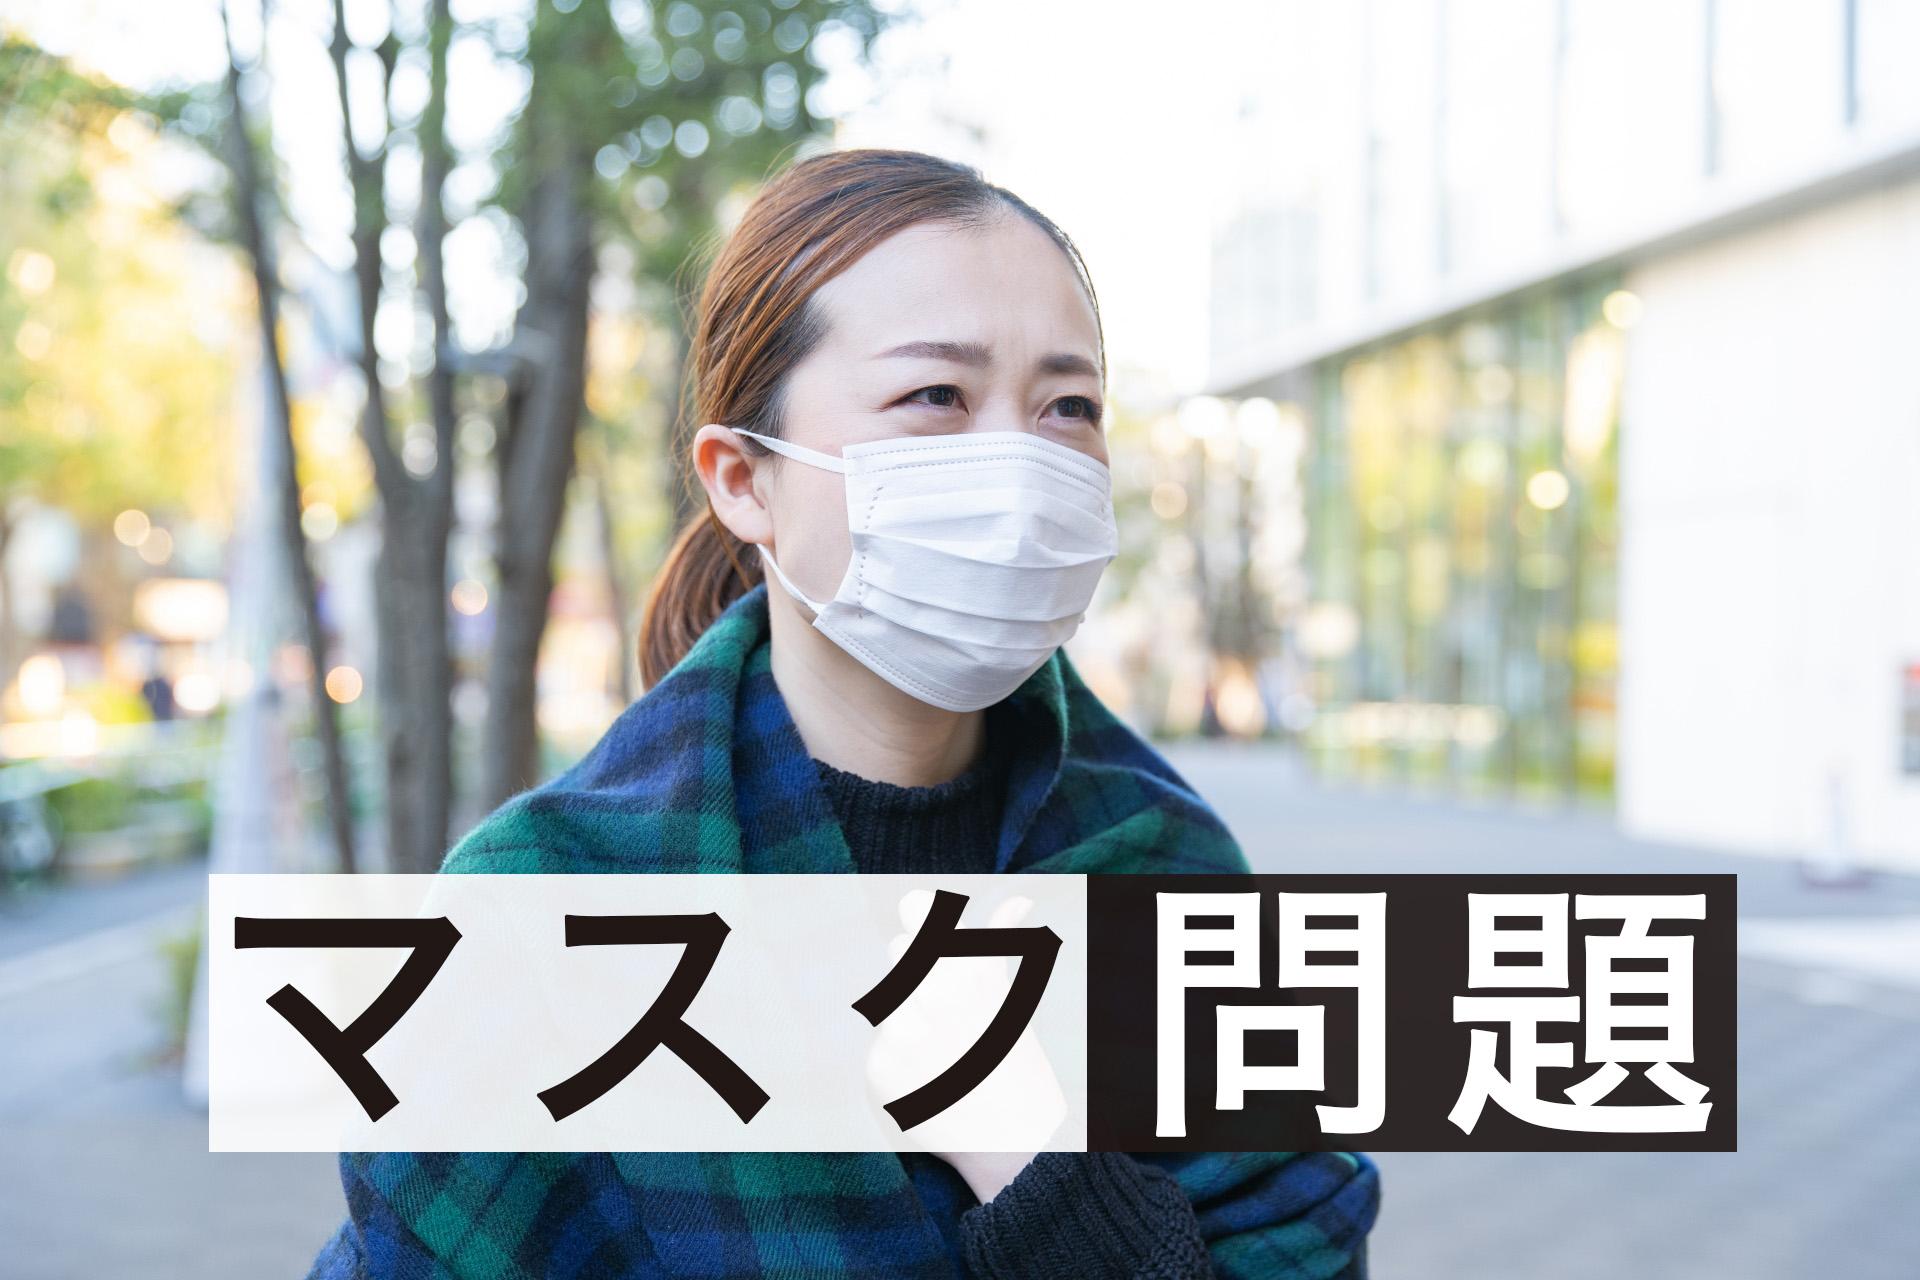 マスク問題 新柄コロナウイルス new-coronavirus-covid-19-mask